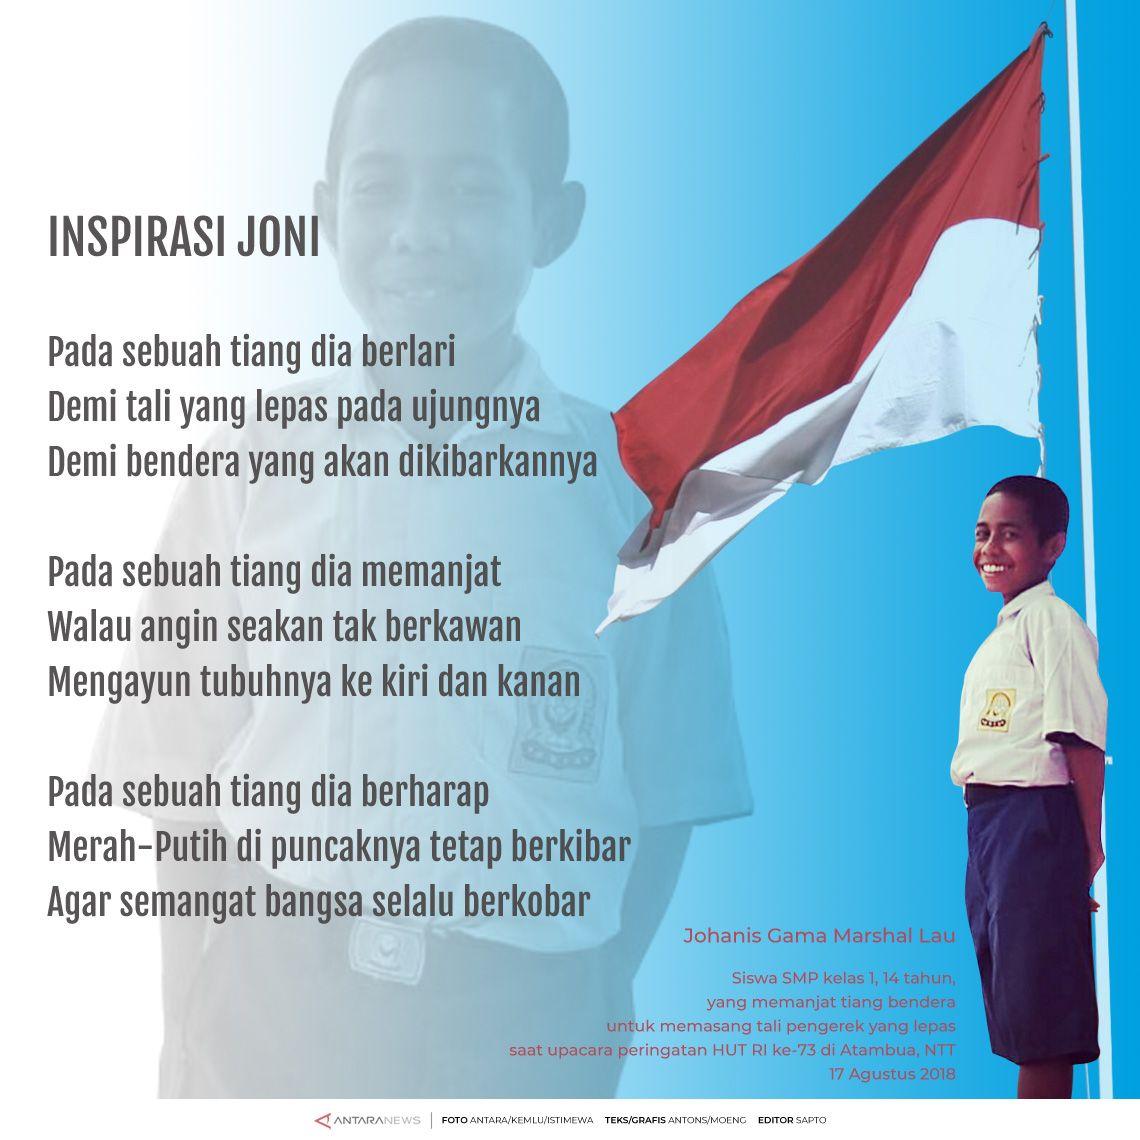 Inspirasi Joni